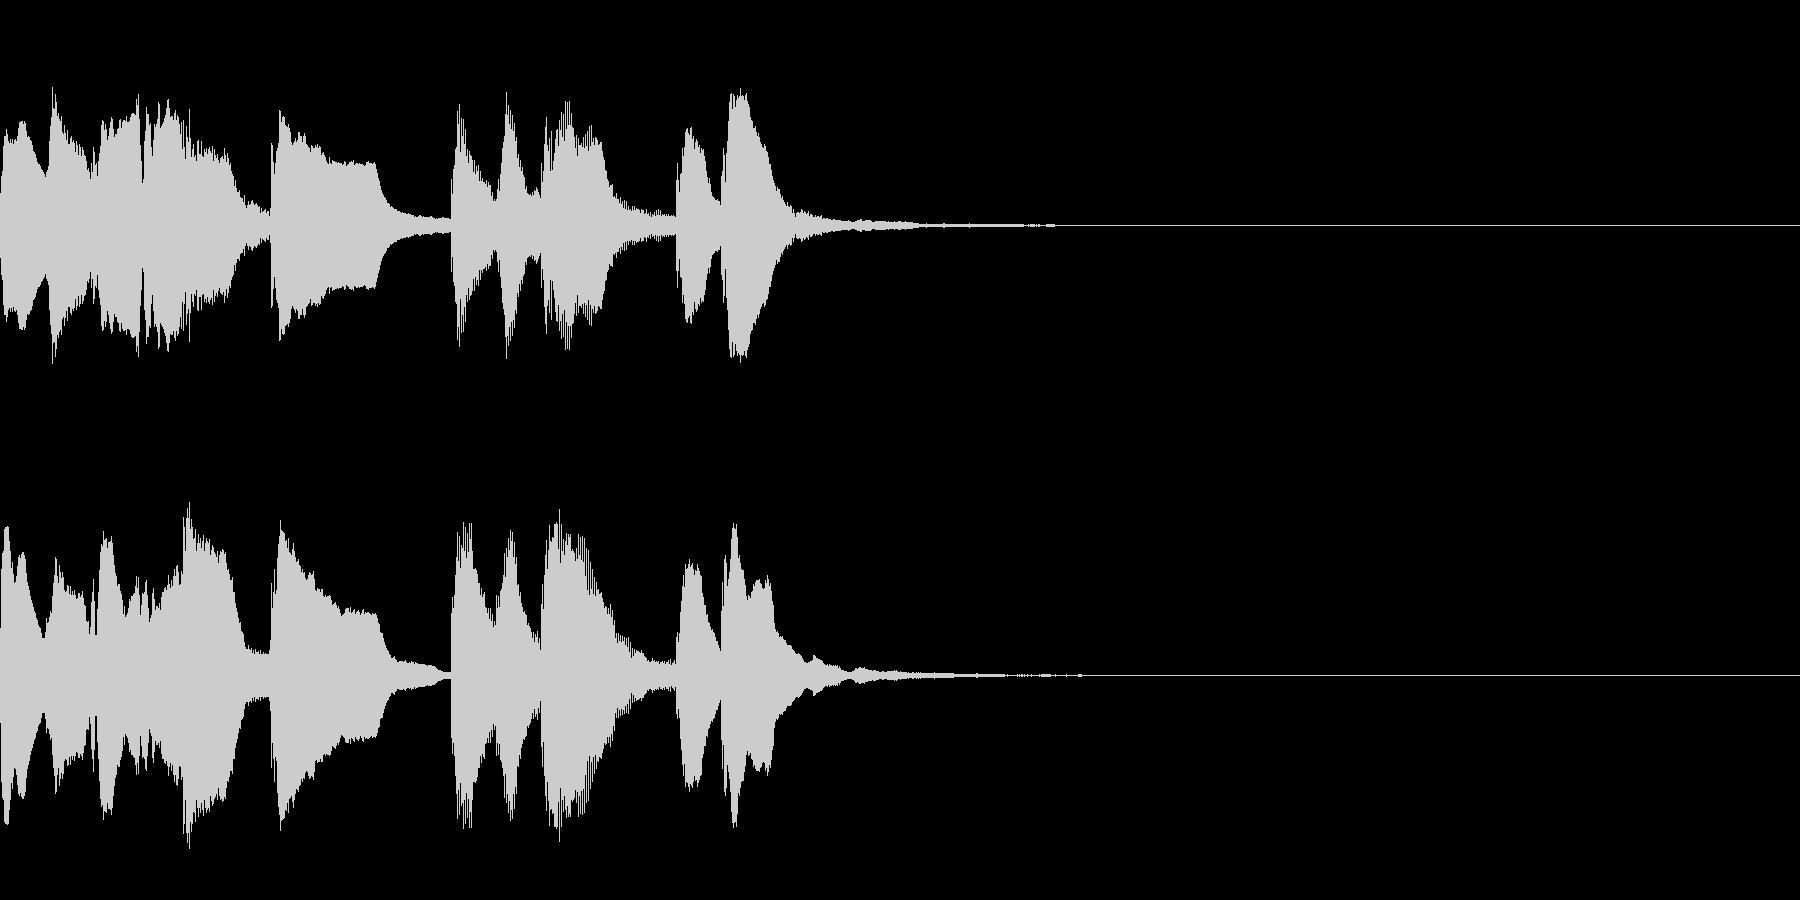 不思議なものに出会ったときの音楽 3秒の未再生の波形